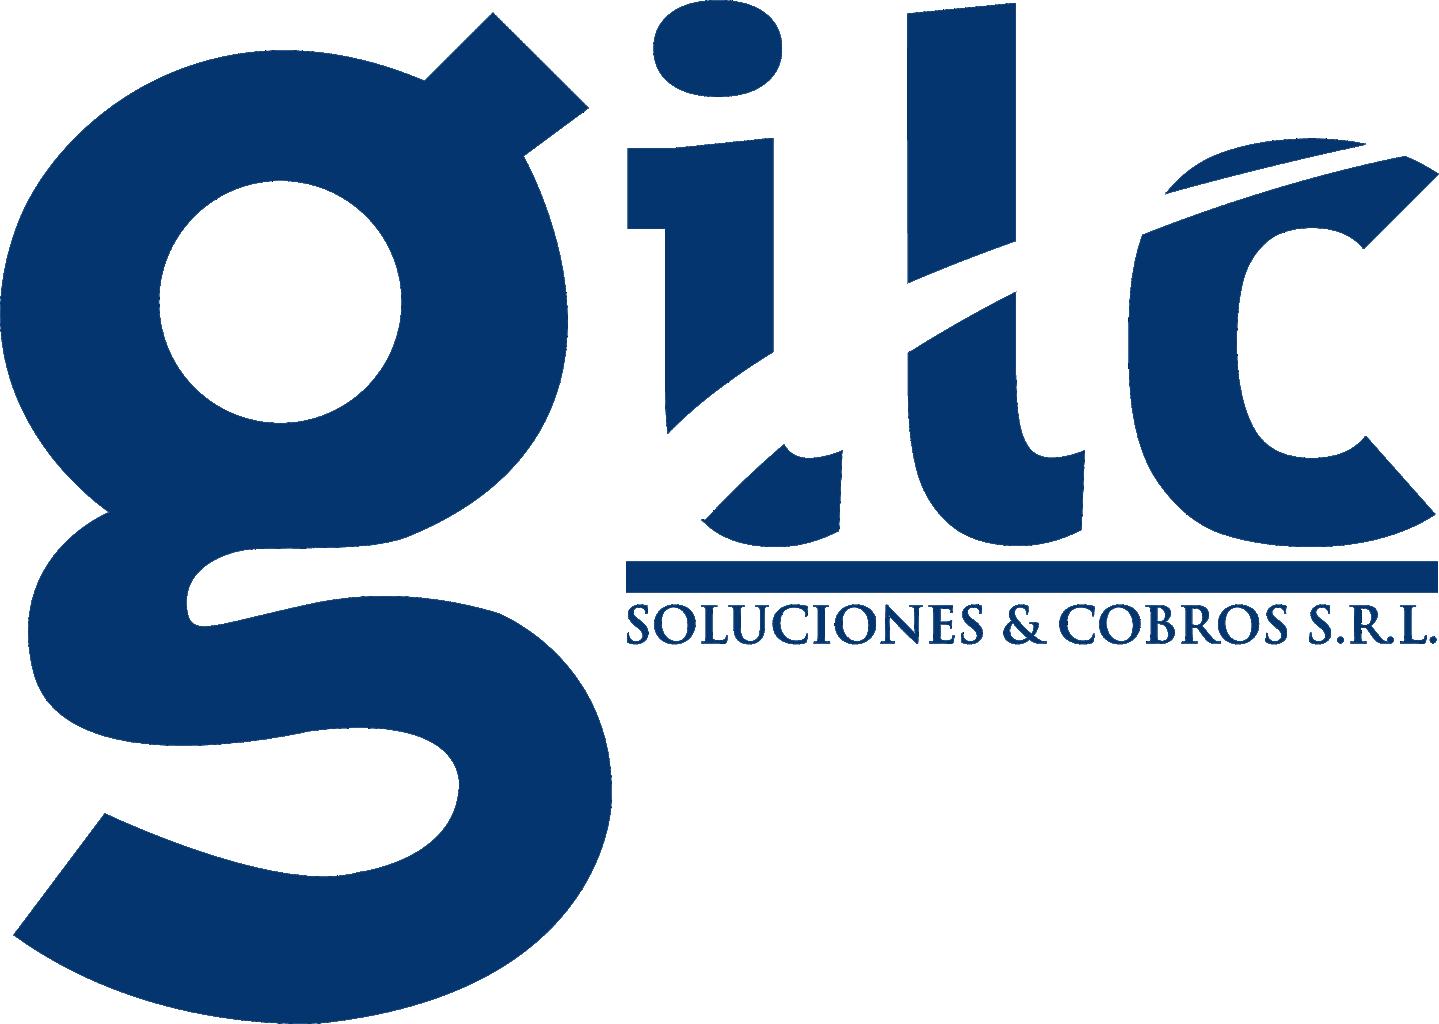 Gilc Soluciones & Cobros